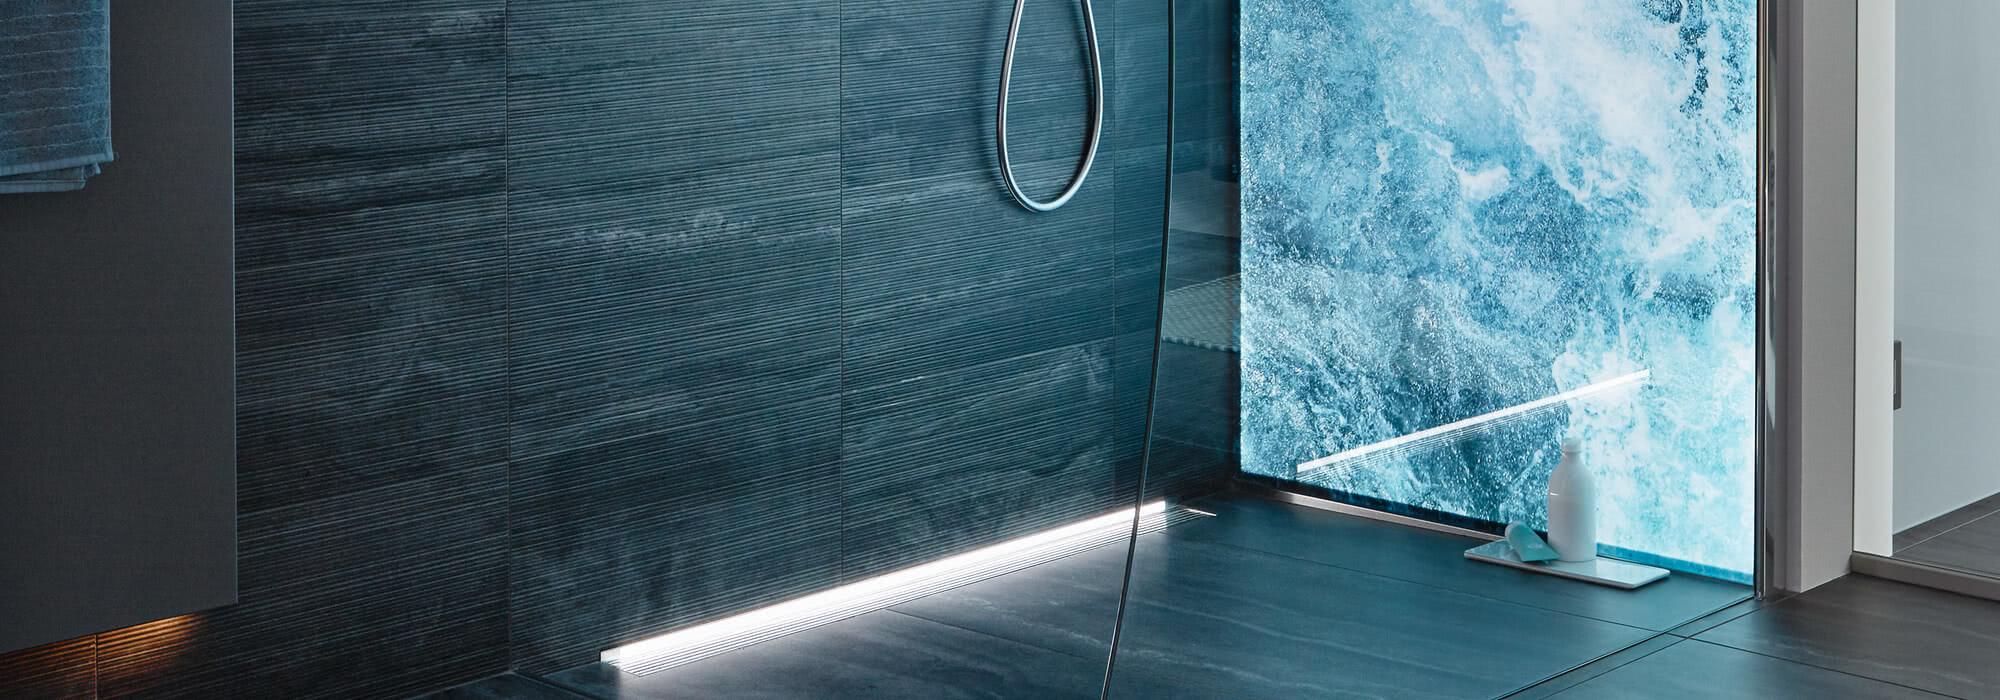 Dusche Omega Inloop mit Motiv Wellensturm und Glasausschnitt